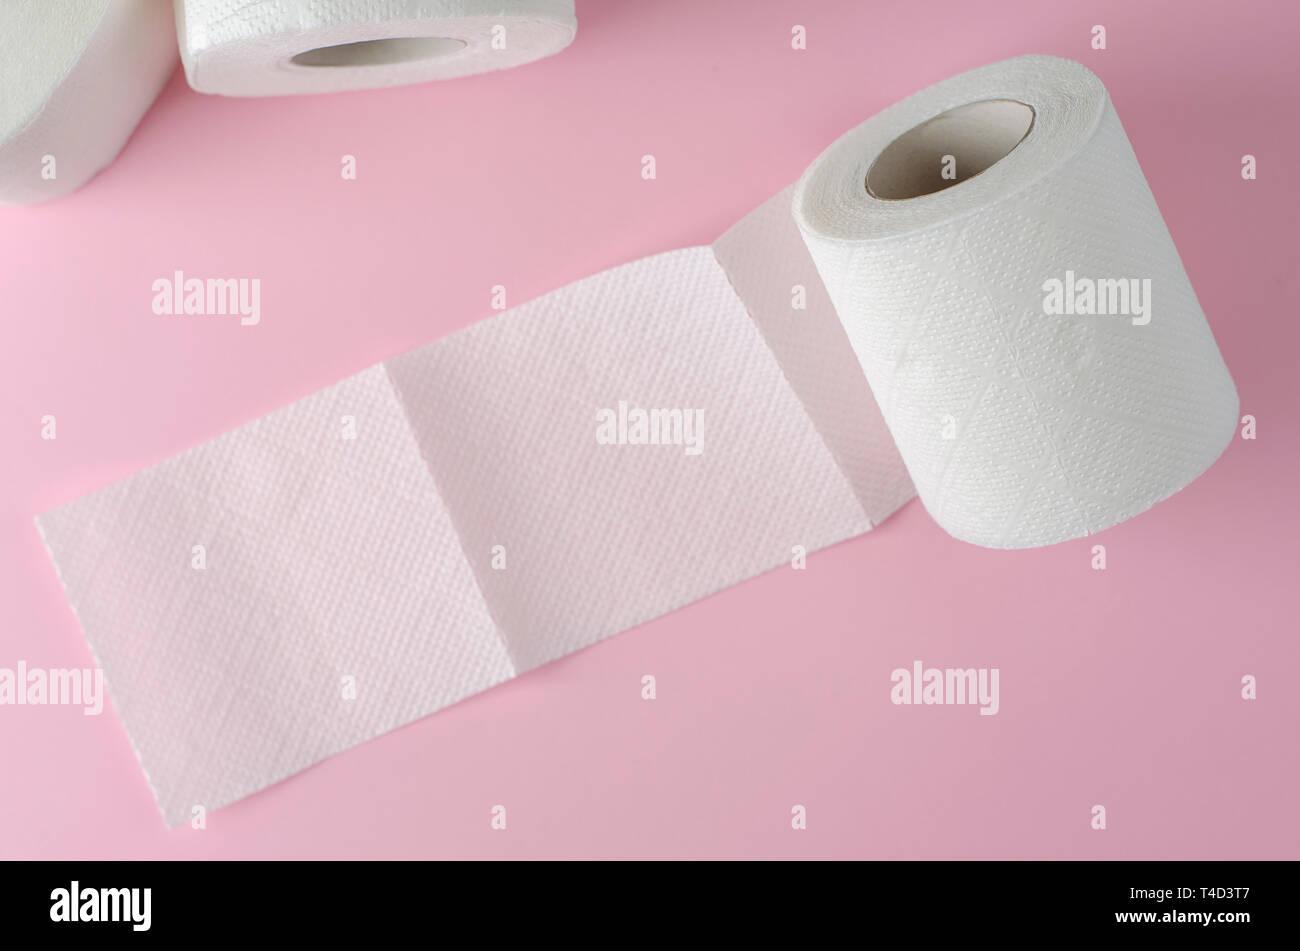 Singola bianco carta igienica rotolo sul rosa pastello sfondo. Spazio per il testo. Uso quotidiano oggetto. Scopo igienico Immagini Stock